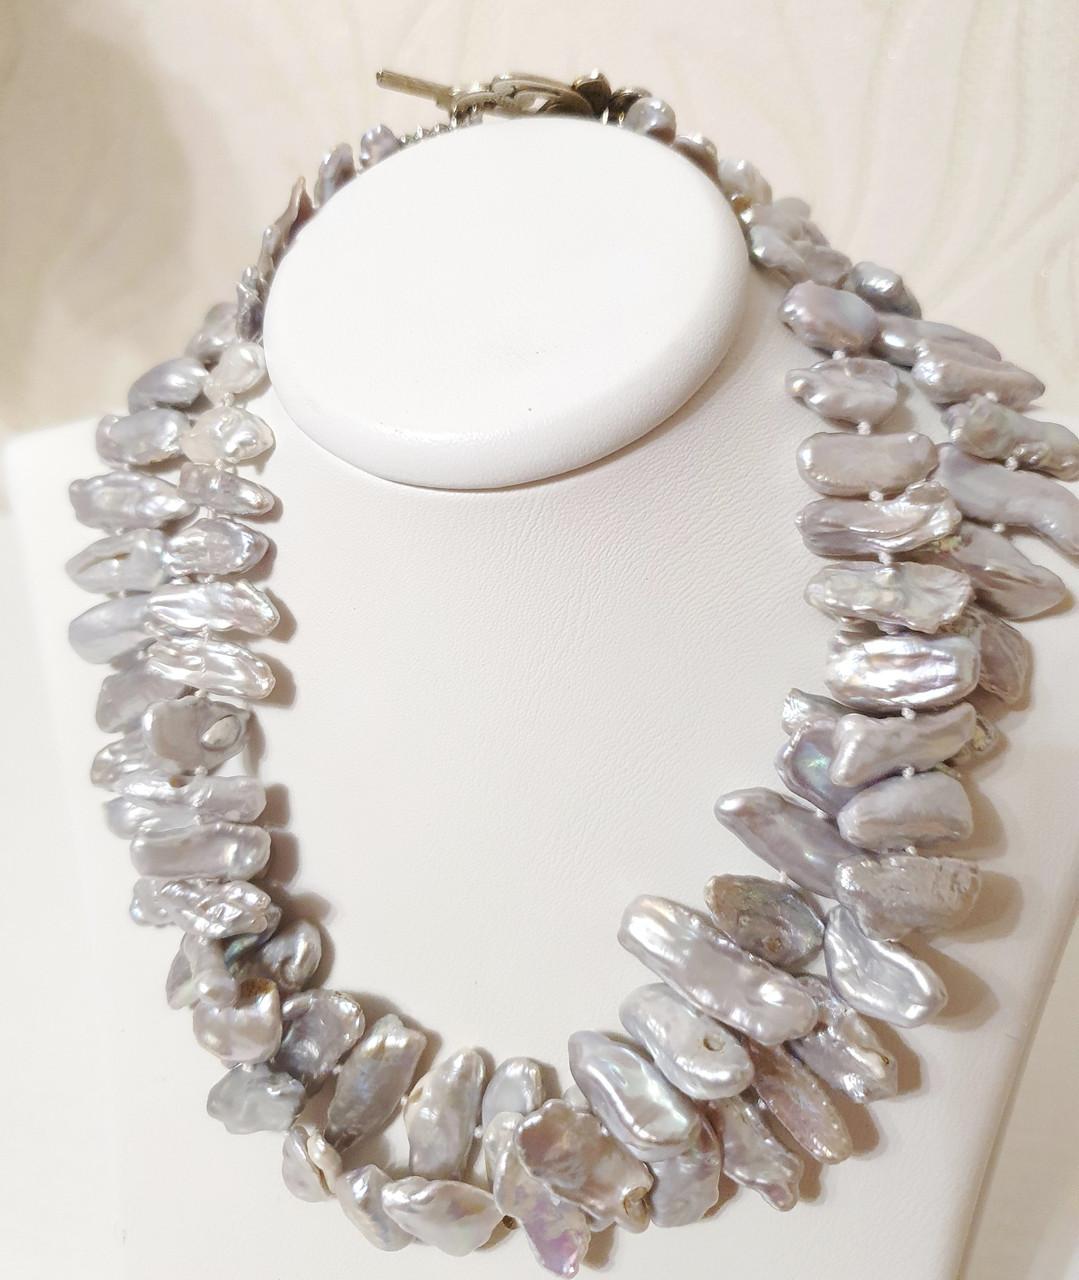 Намисто / намисто з натуральних Перлів Біва світло-сріблястого кольору